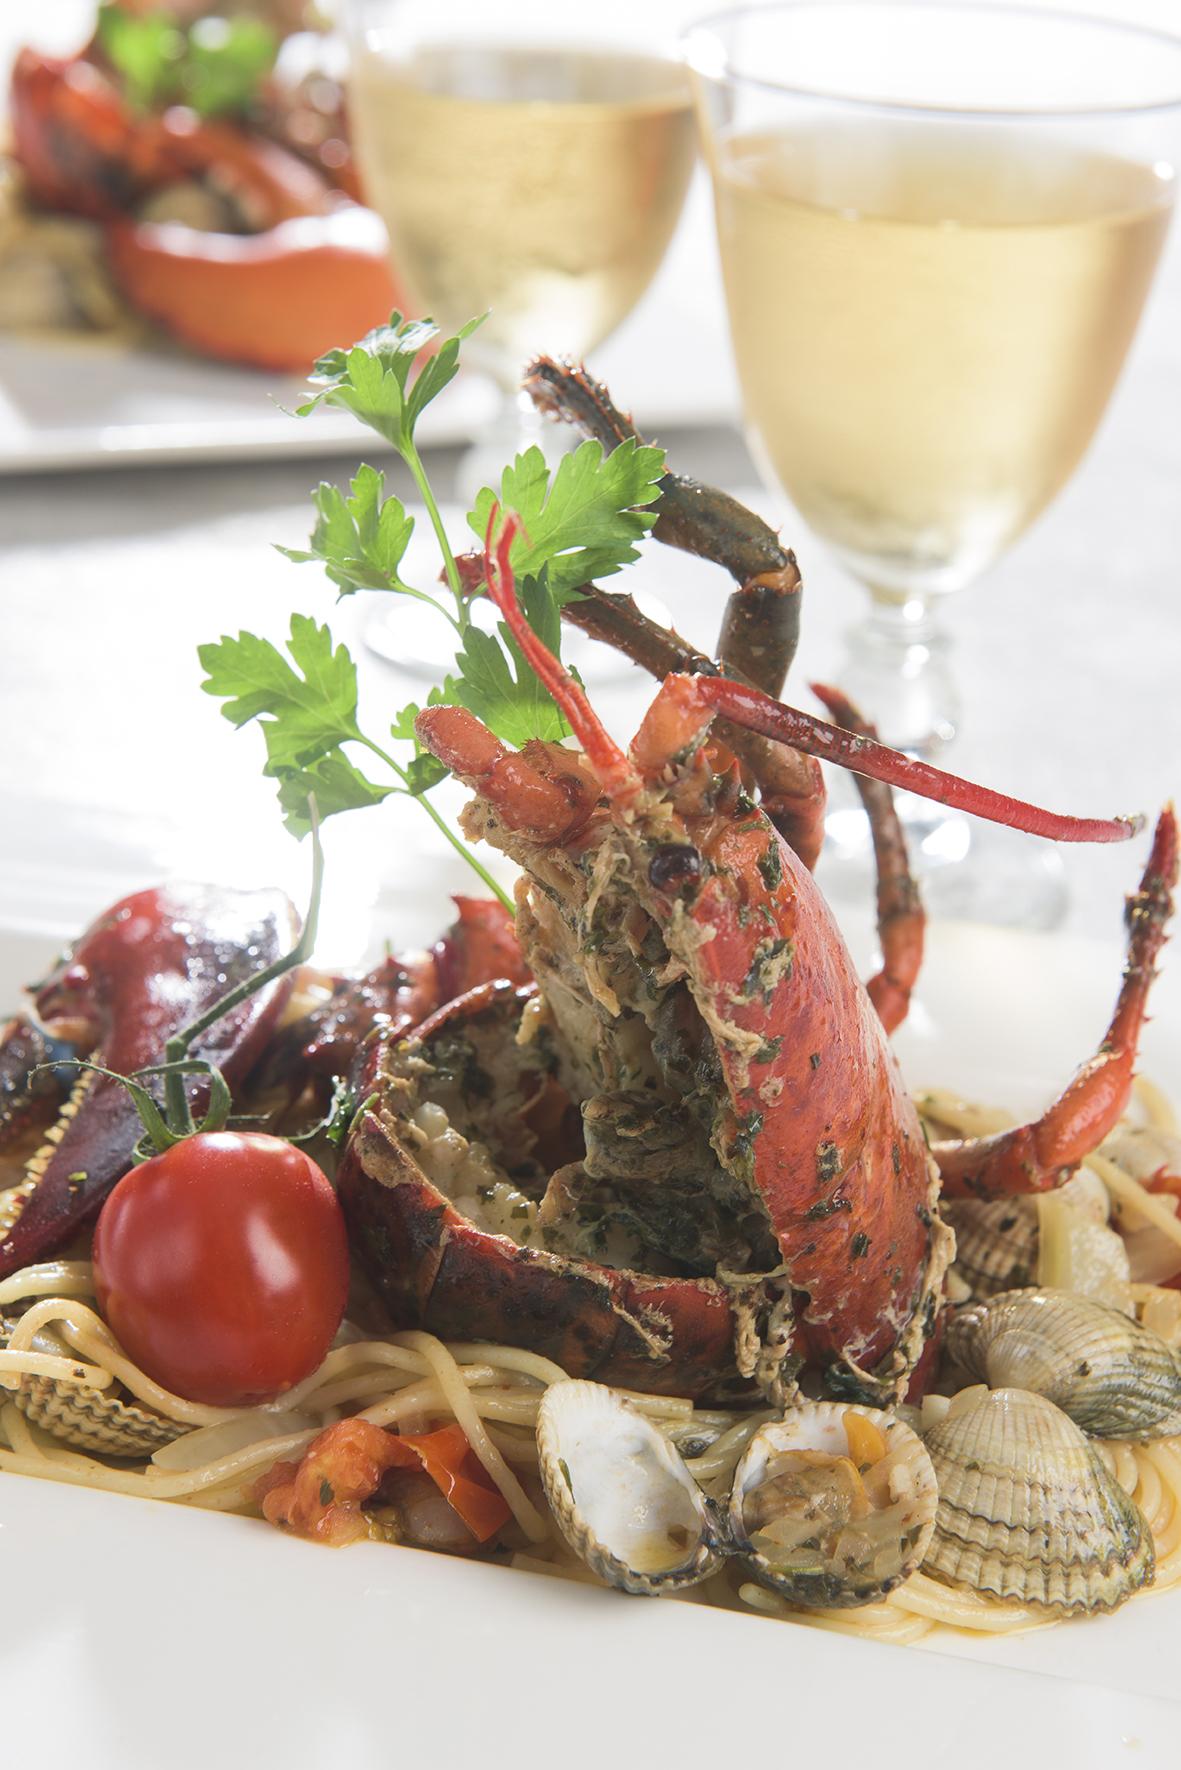 LobsterVanKampen_IBF_5854_web